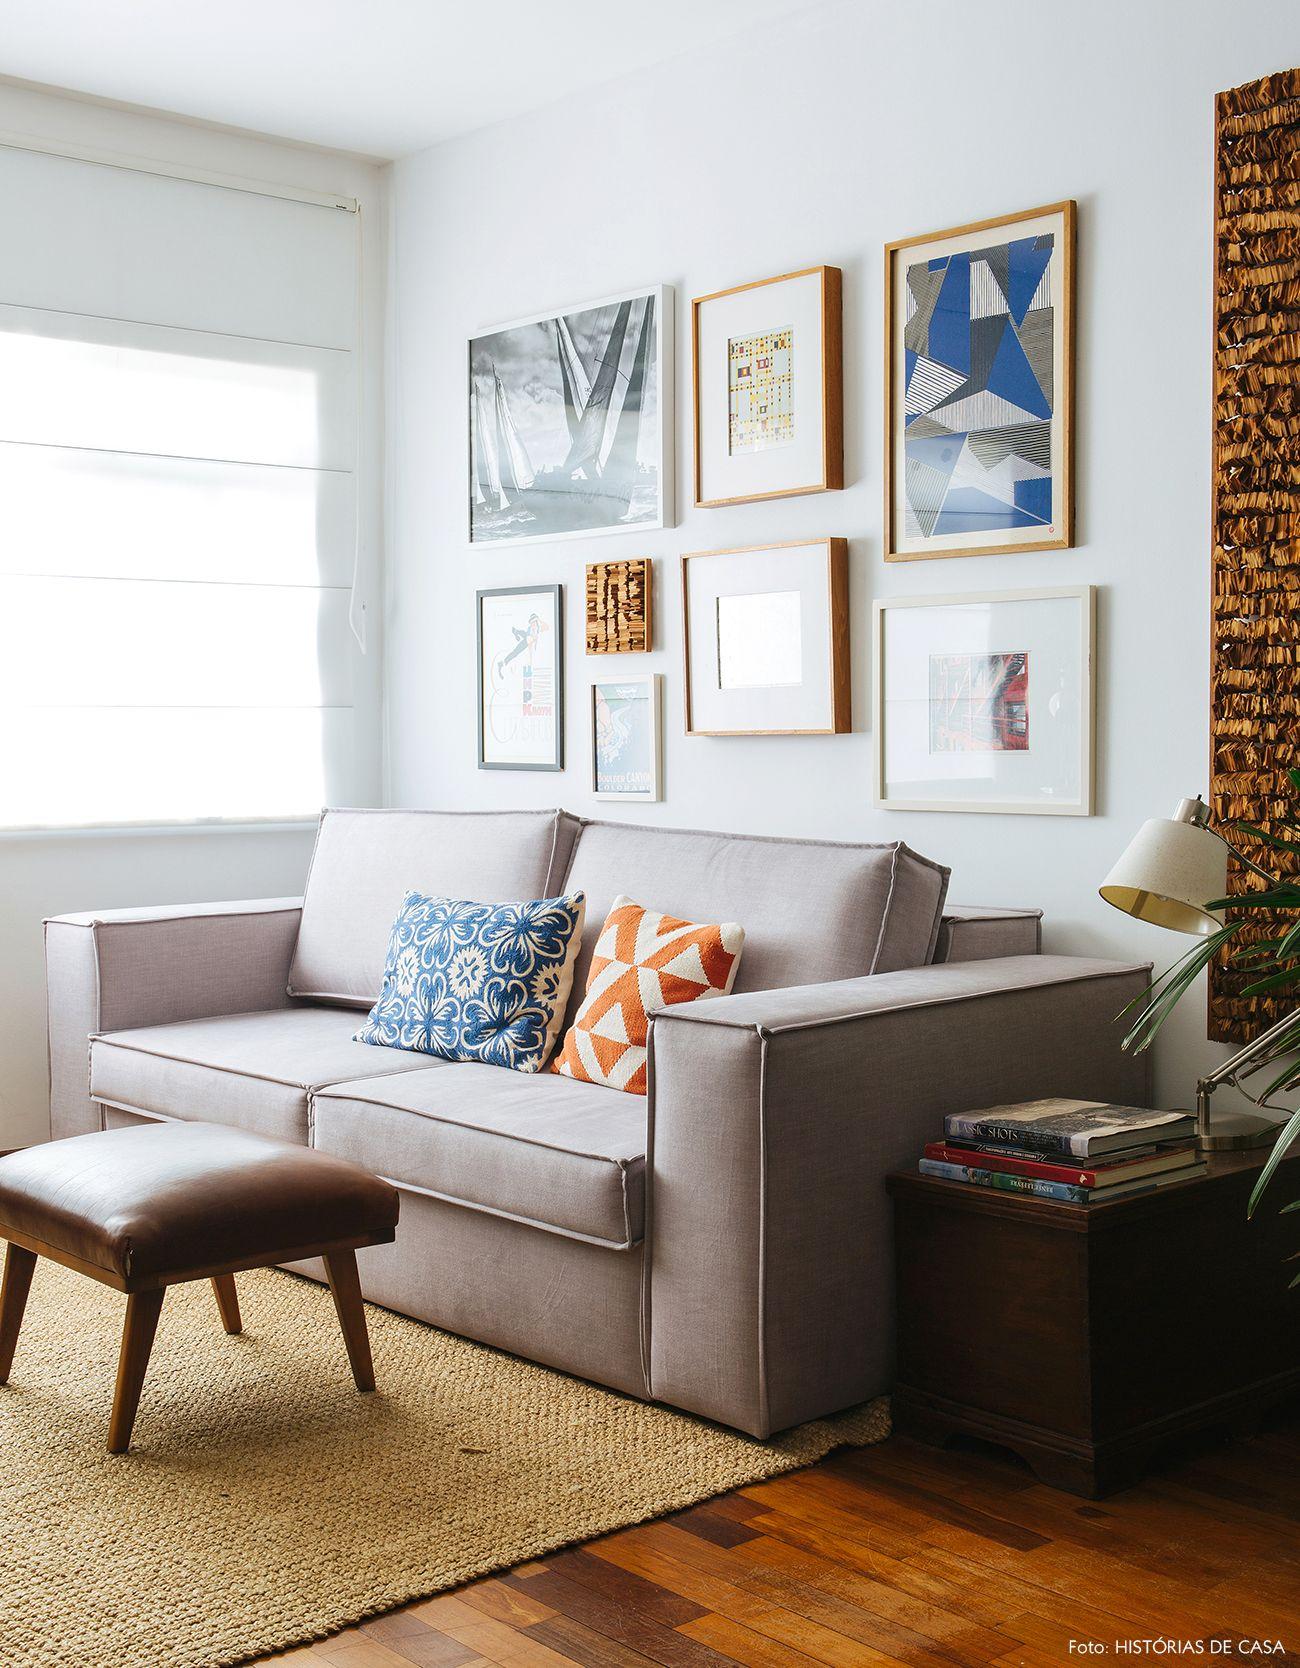 Sofa Cinza E Almofadas Coloridas Brown Leather Decor Um Novo Começo Diseño Decoración Interiores De Casa